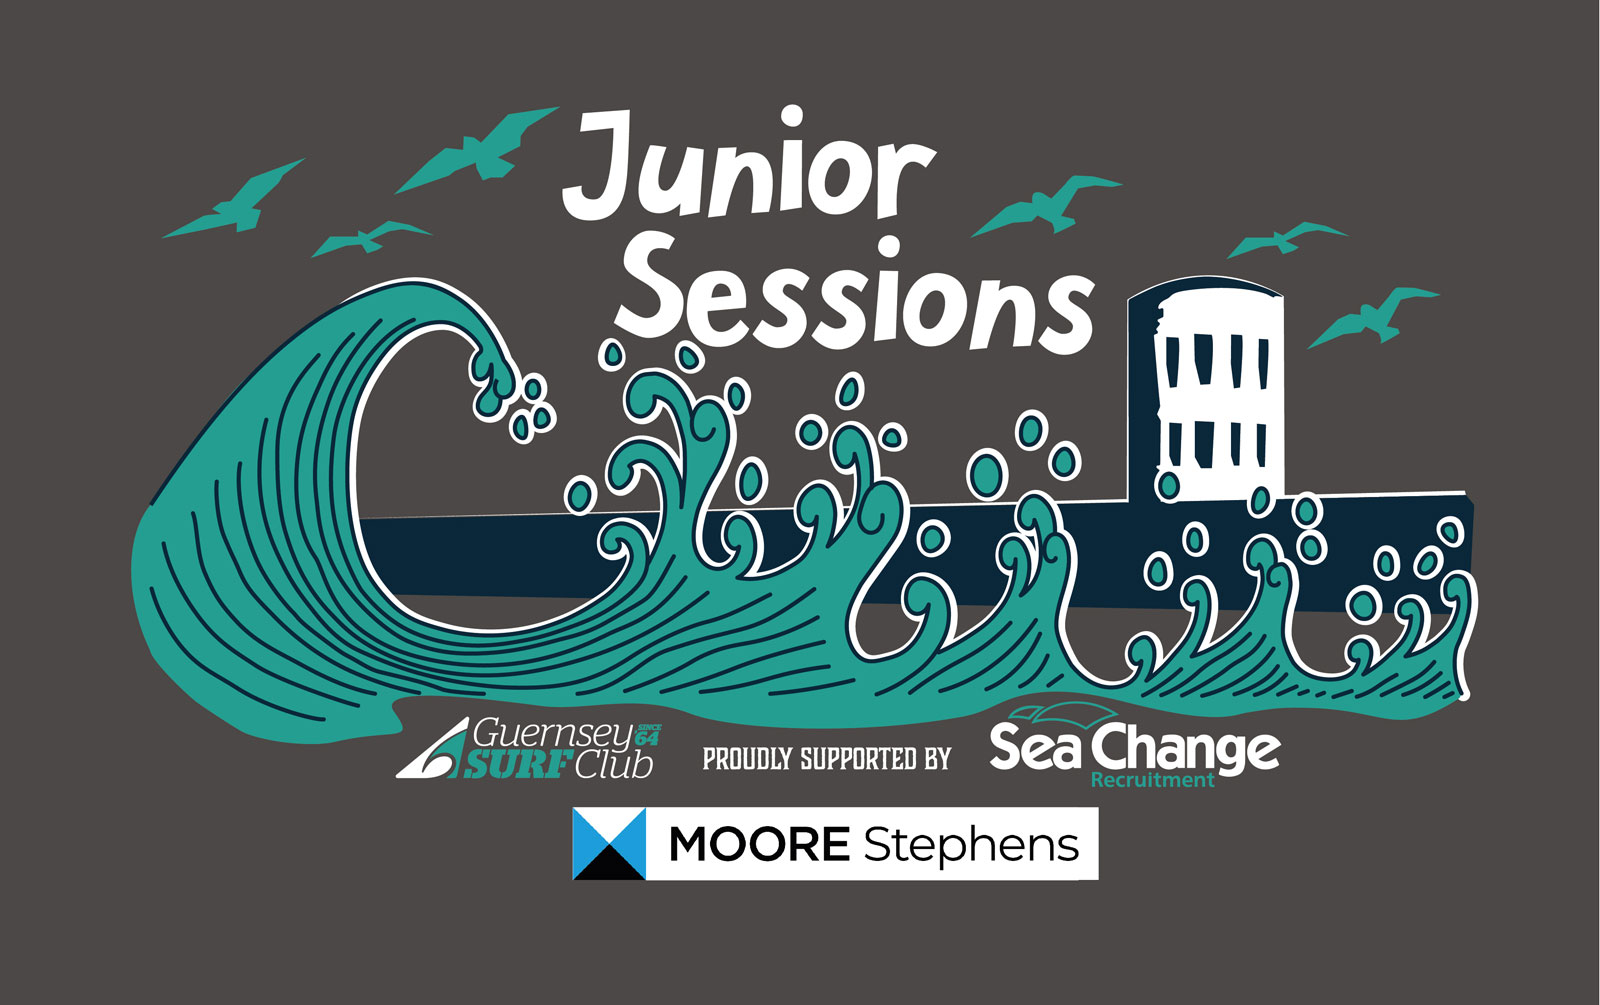 Junior Sessions 2020